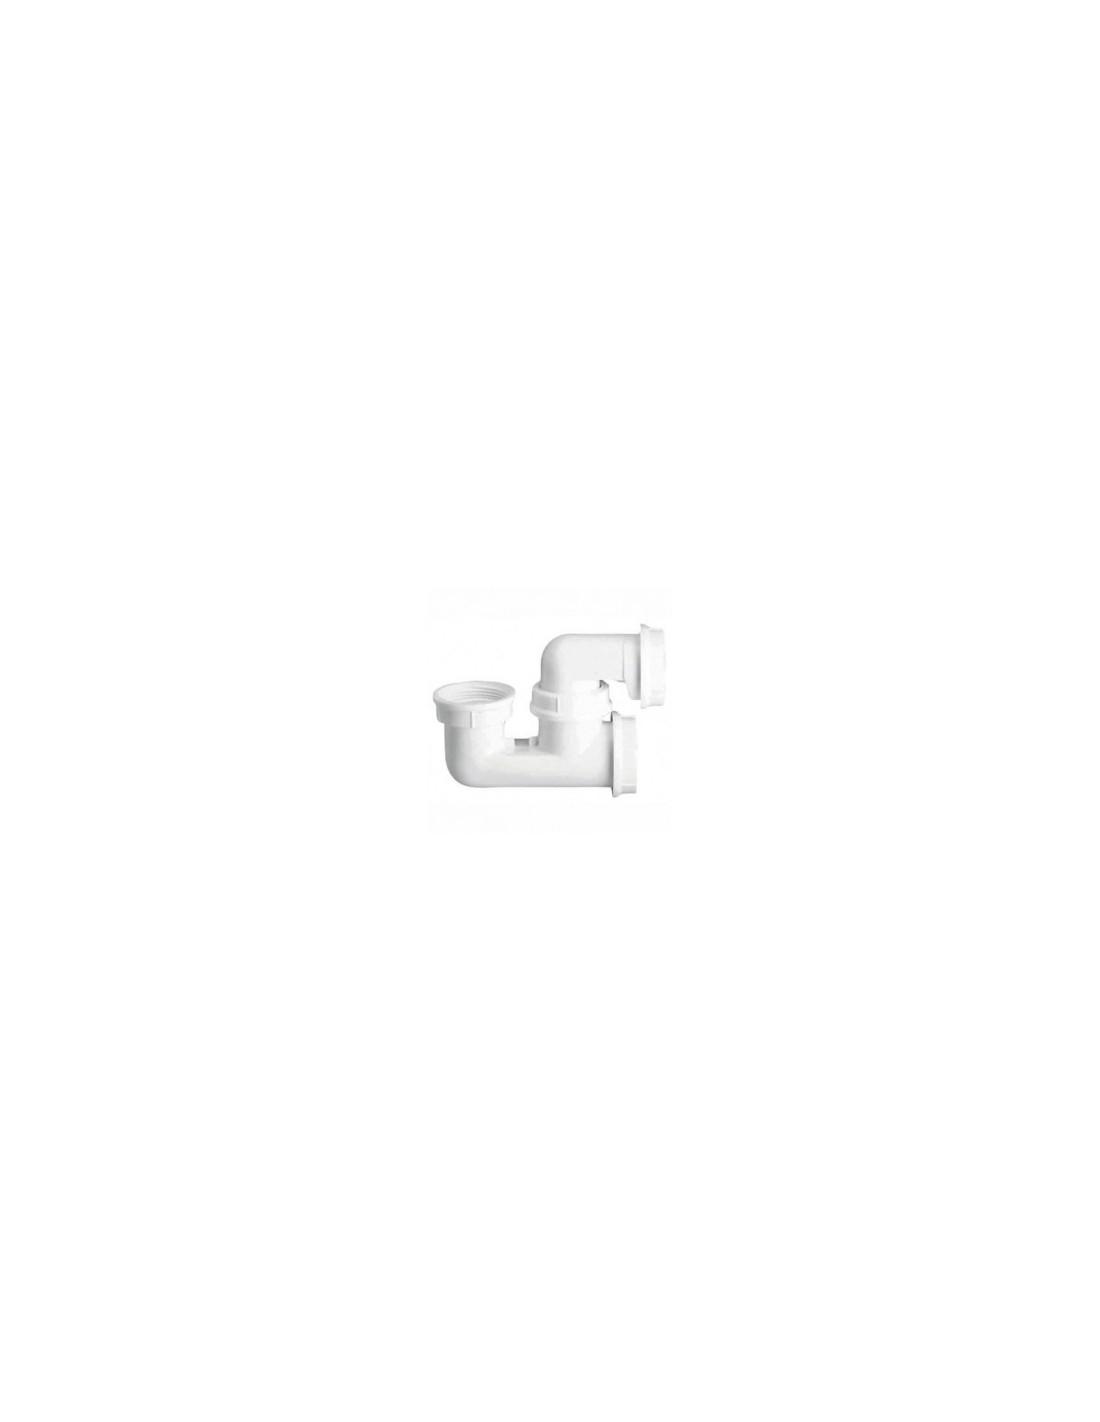 siphon de baignoire plastique blanc avec bouchon de visite nicoll. Black Bedroom Furniture Sets. Home Design Ideas